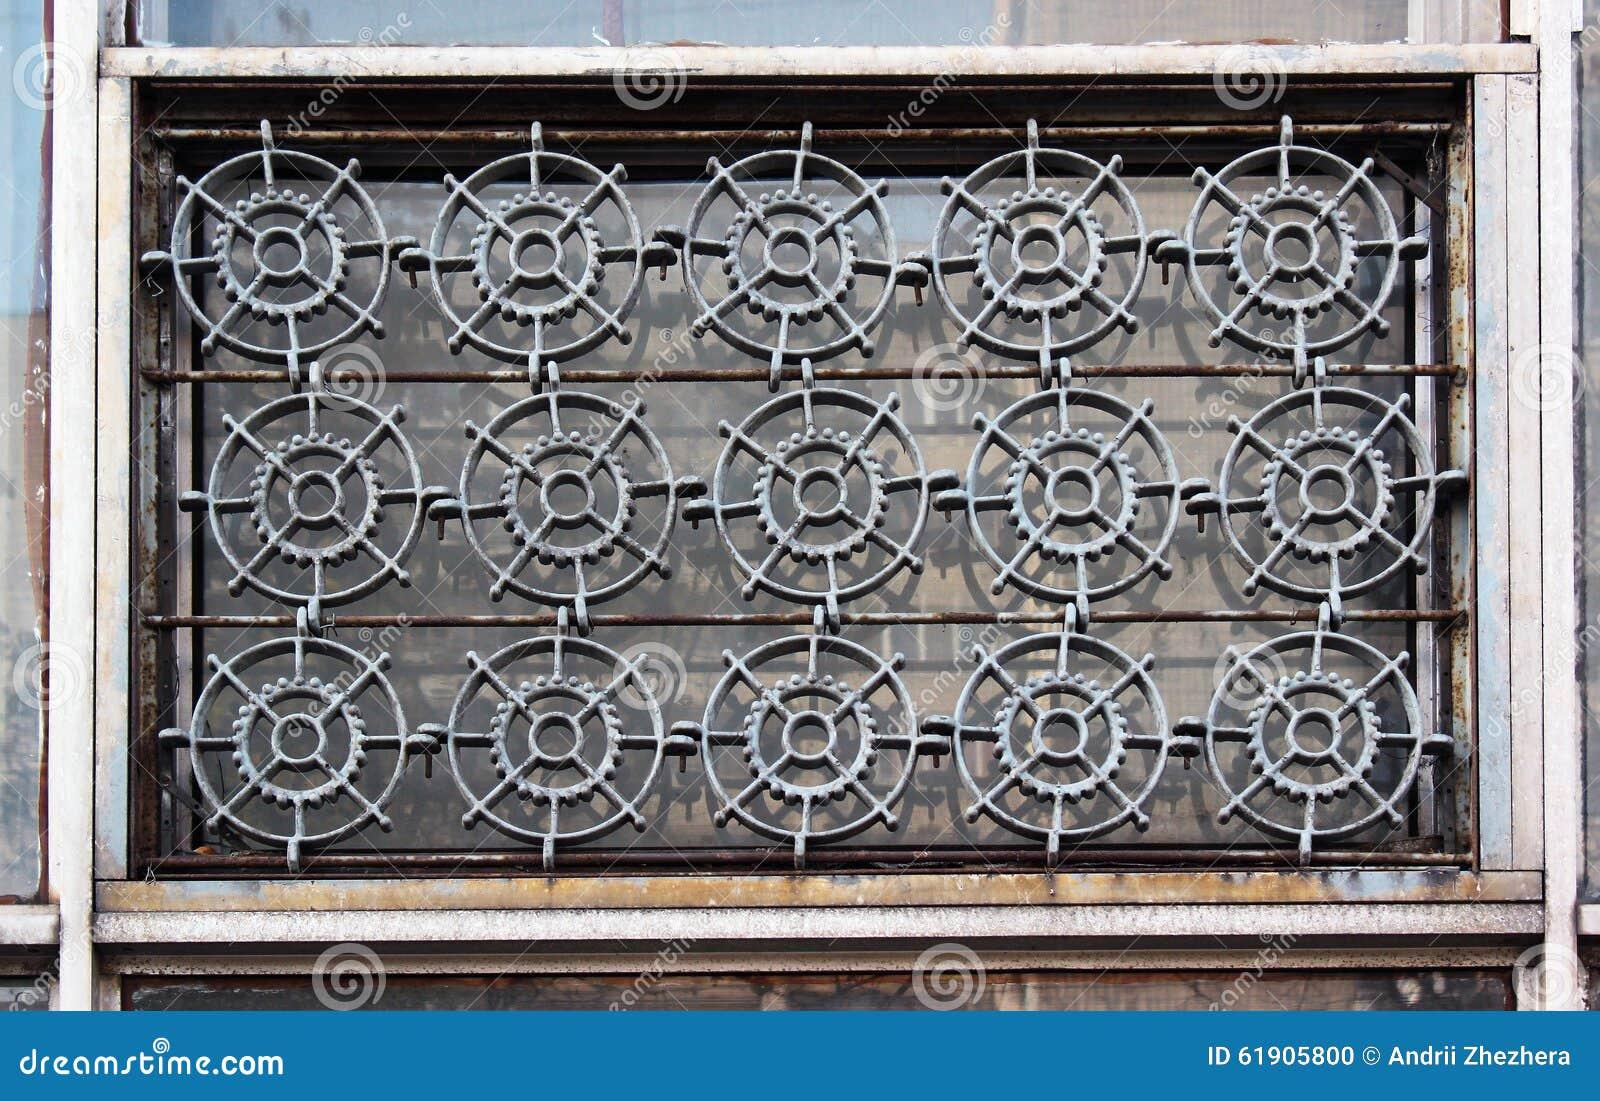 Gamla fönster med järnspisgallret formade som kugghjul